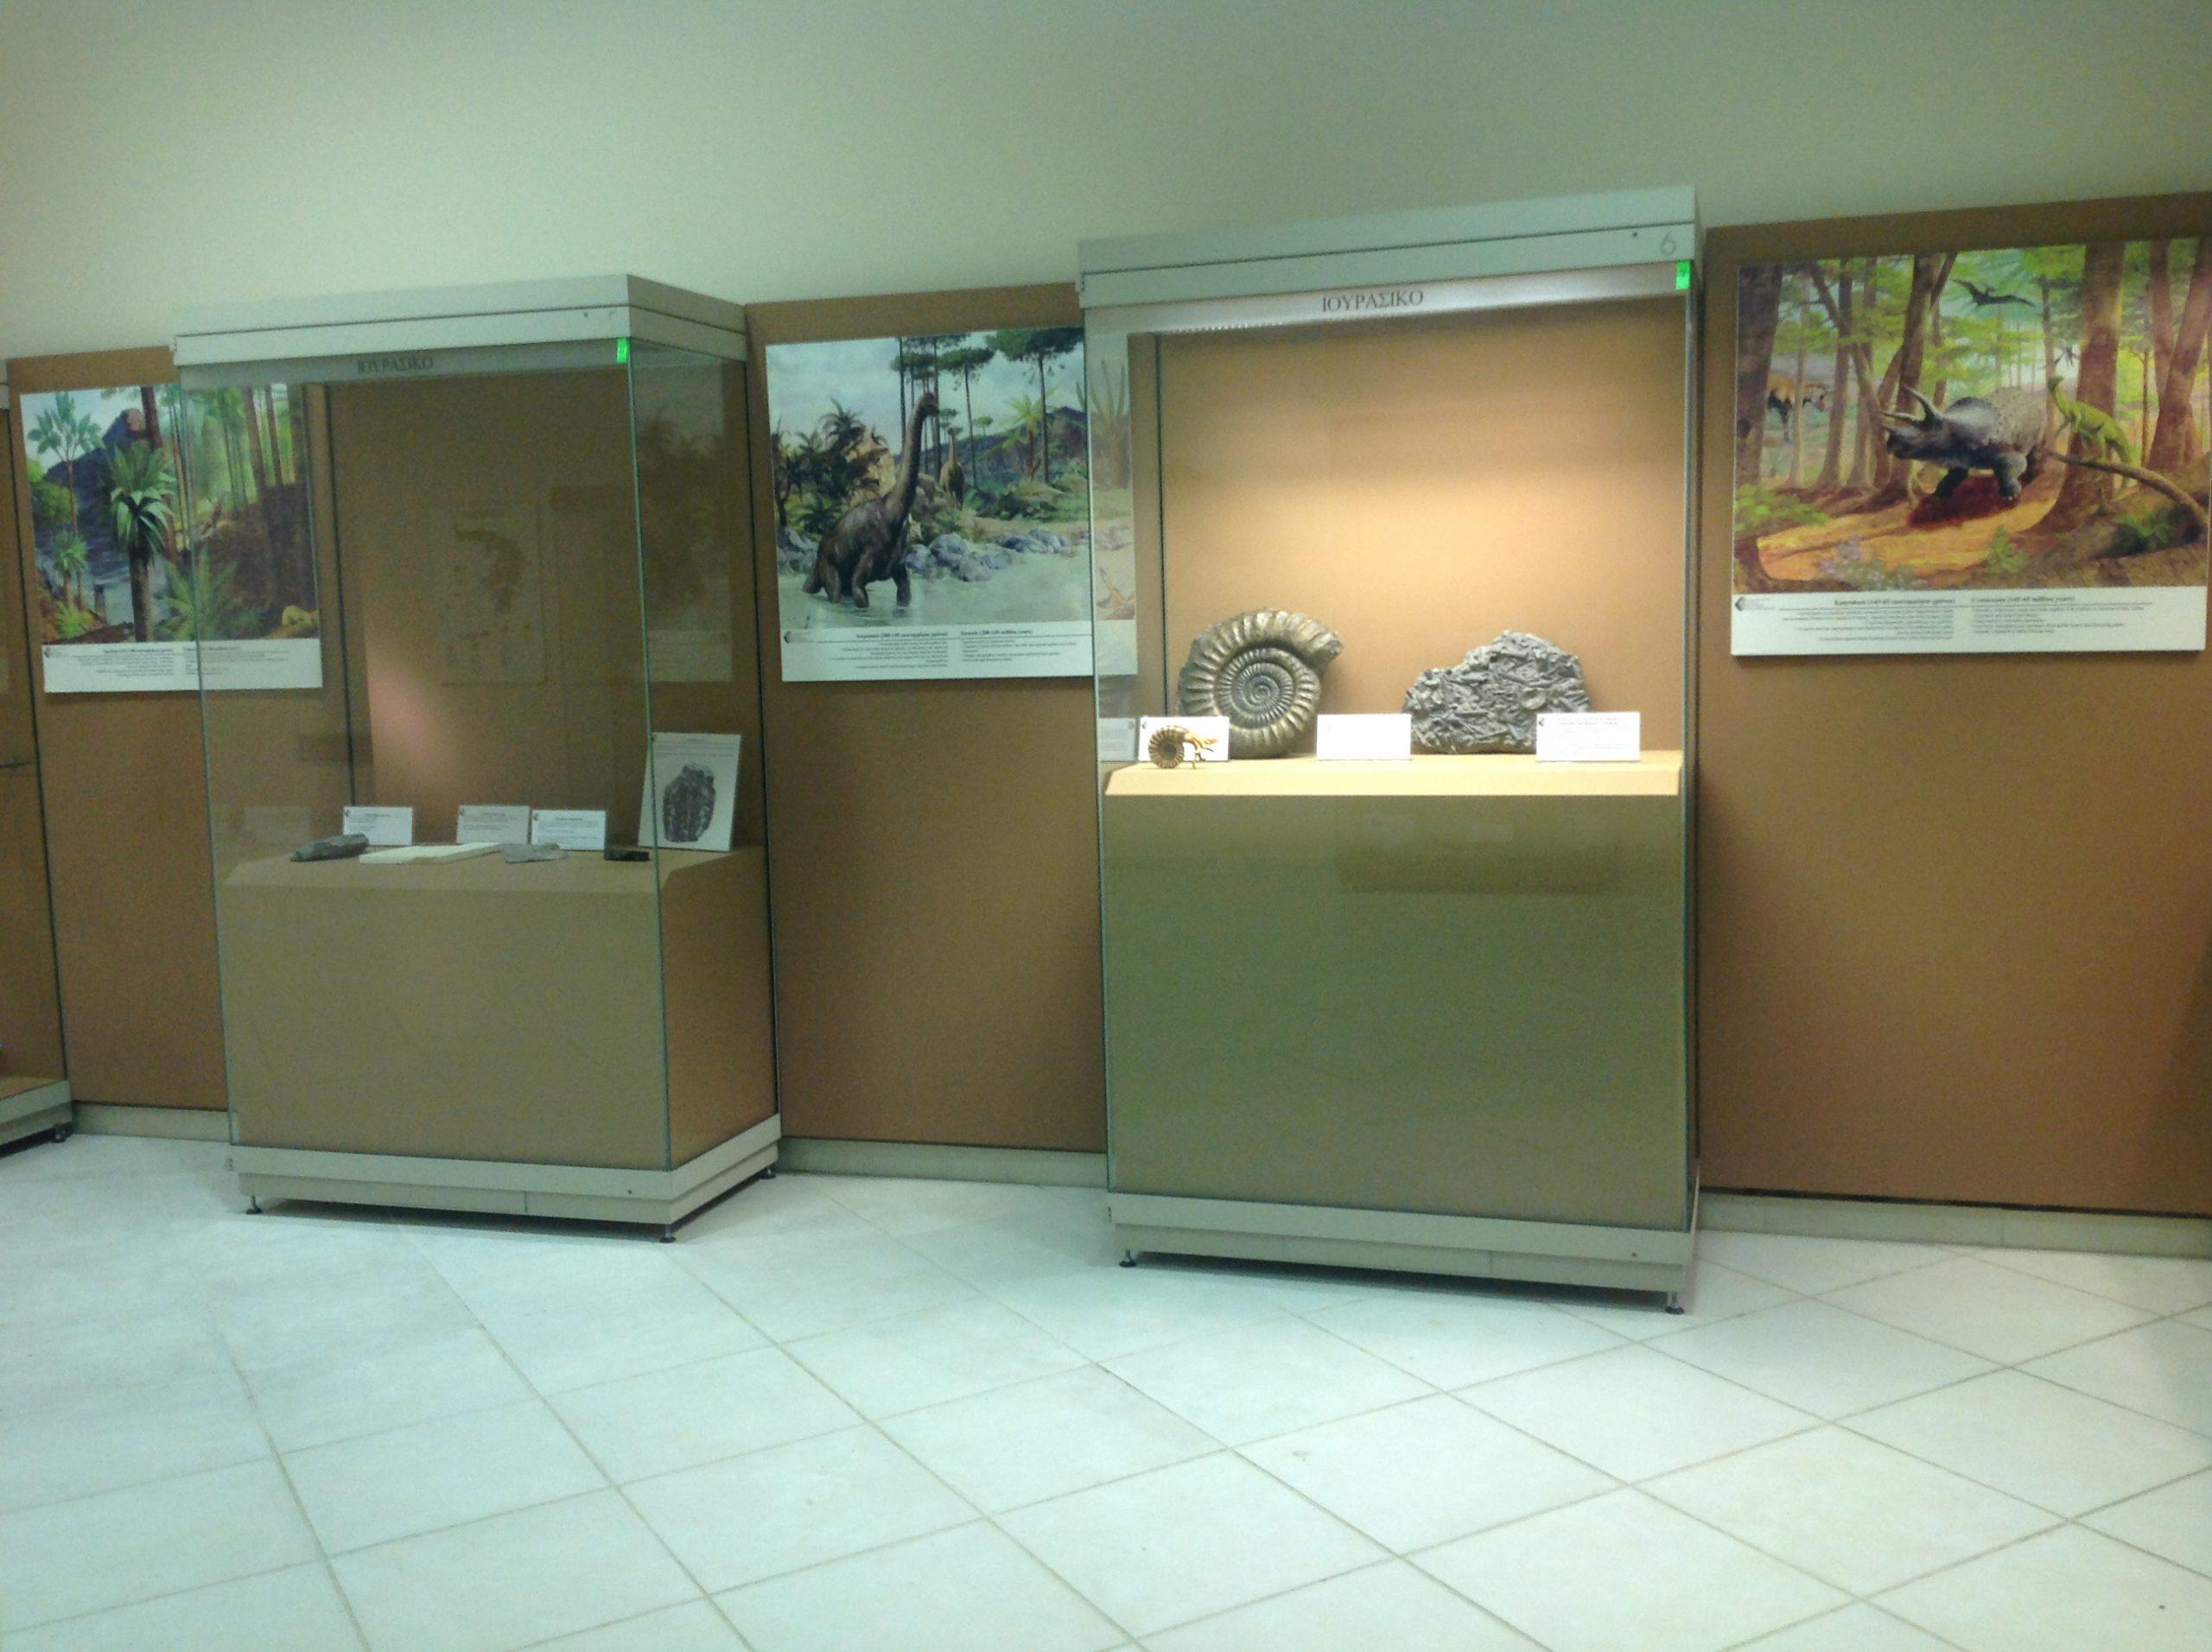 Παλαιοντολογικά εκθέματα Μουσείου © Ιστορικό-Παλαιοντολογικό Μουσείο Πτολεμαϊδας